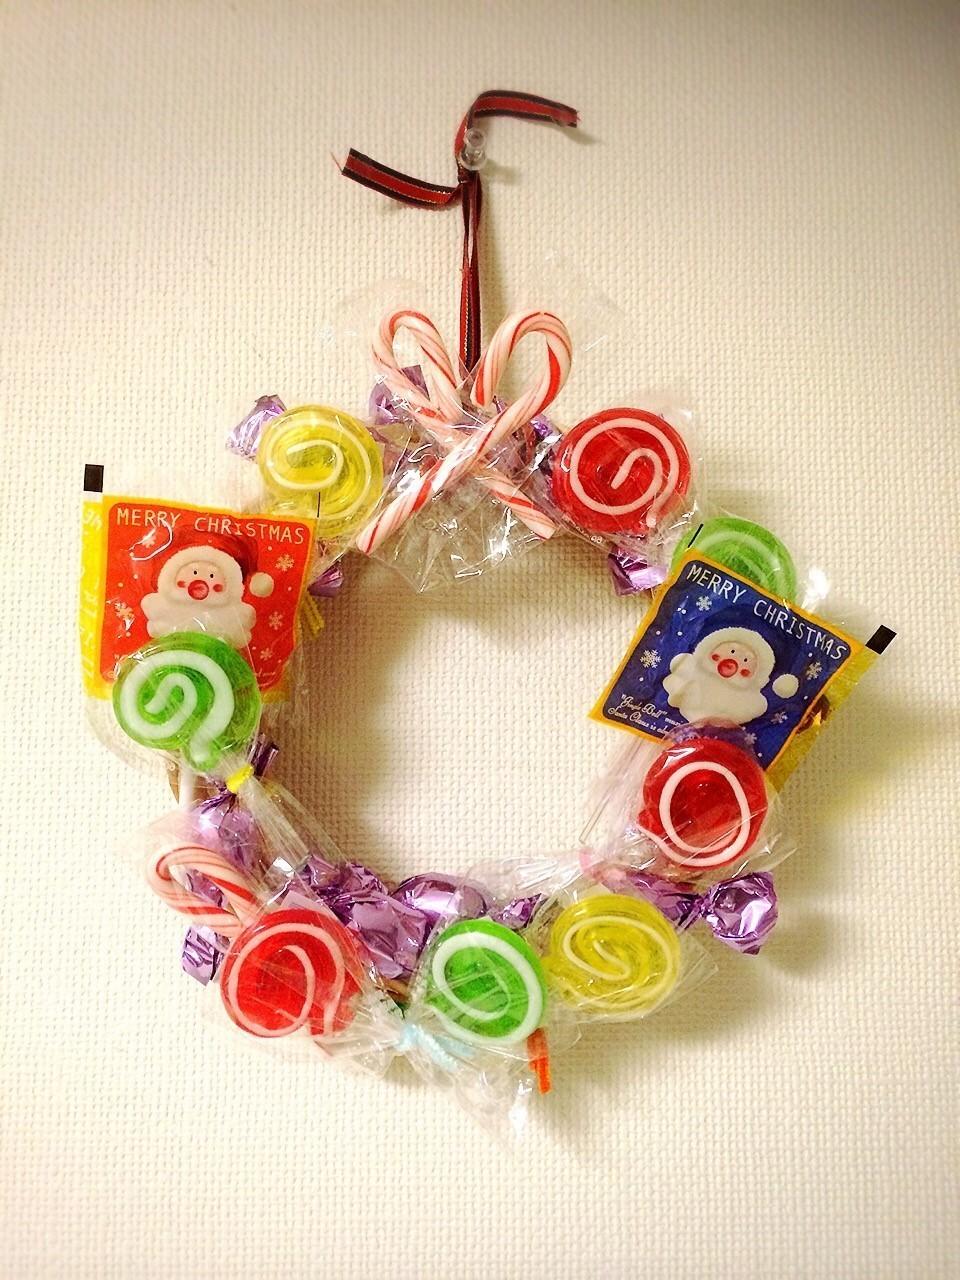 【100均DIY】子どもと一緒にお菓子の手作りクリスマスリースを作ってみた!